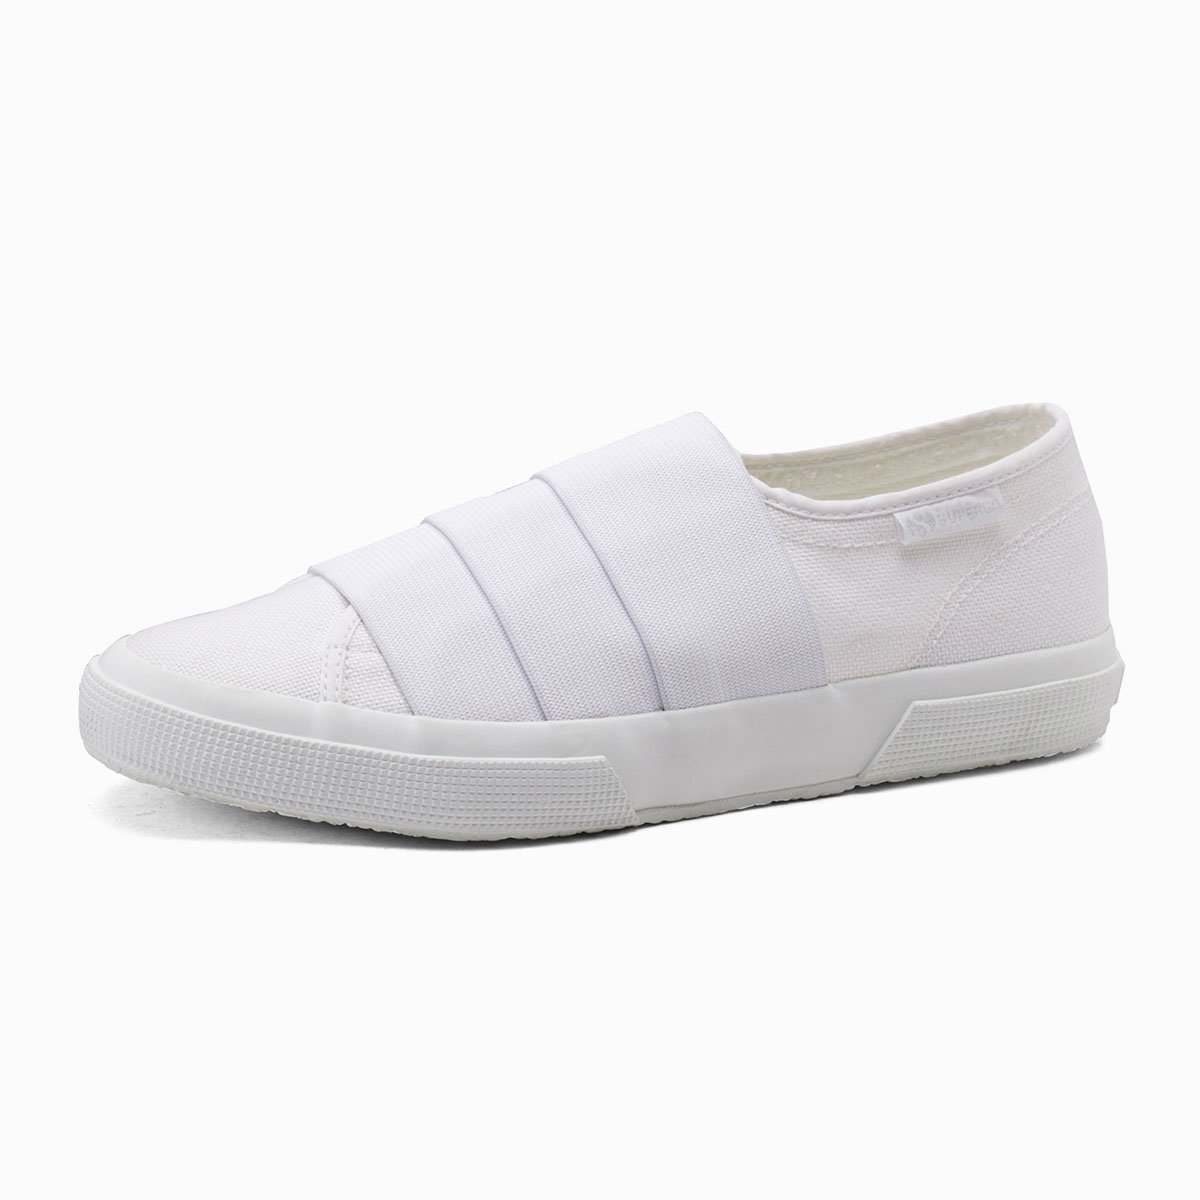 SUPERGA舒适松紧带一脚蹬懒人帆布鞋男板鞋男休闲鞋S00BST0C42